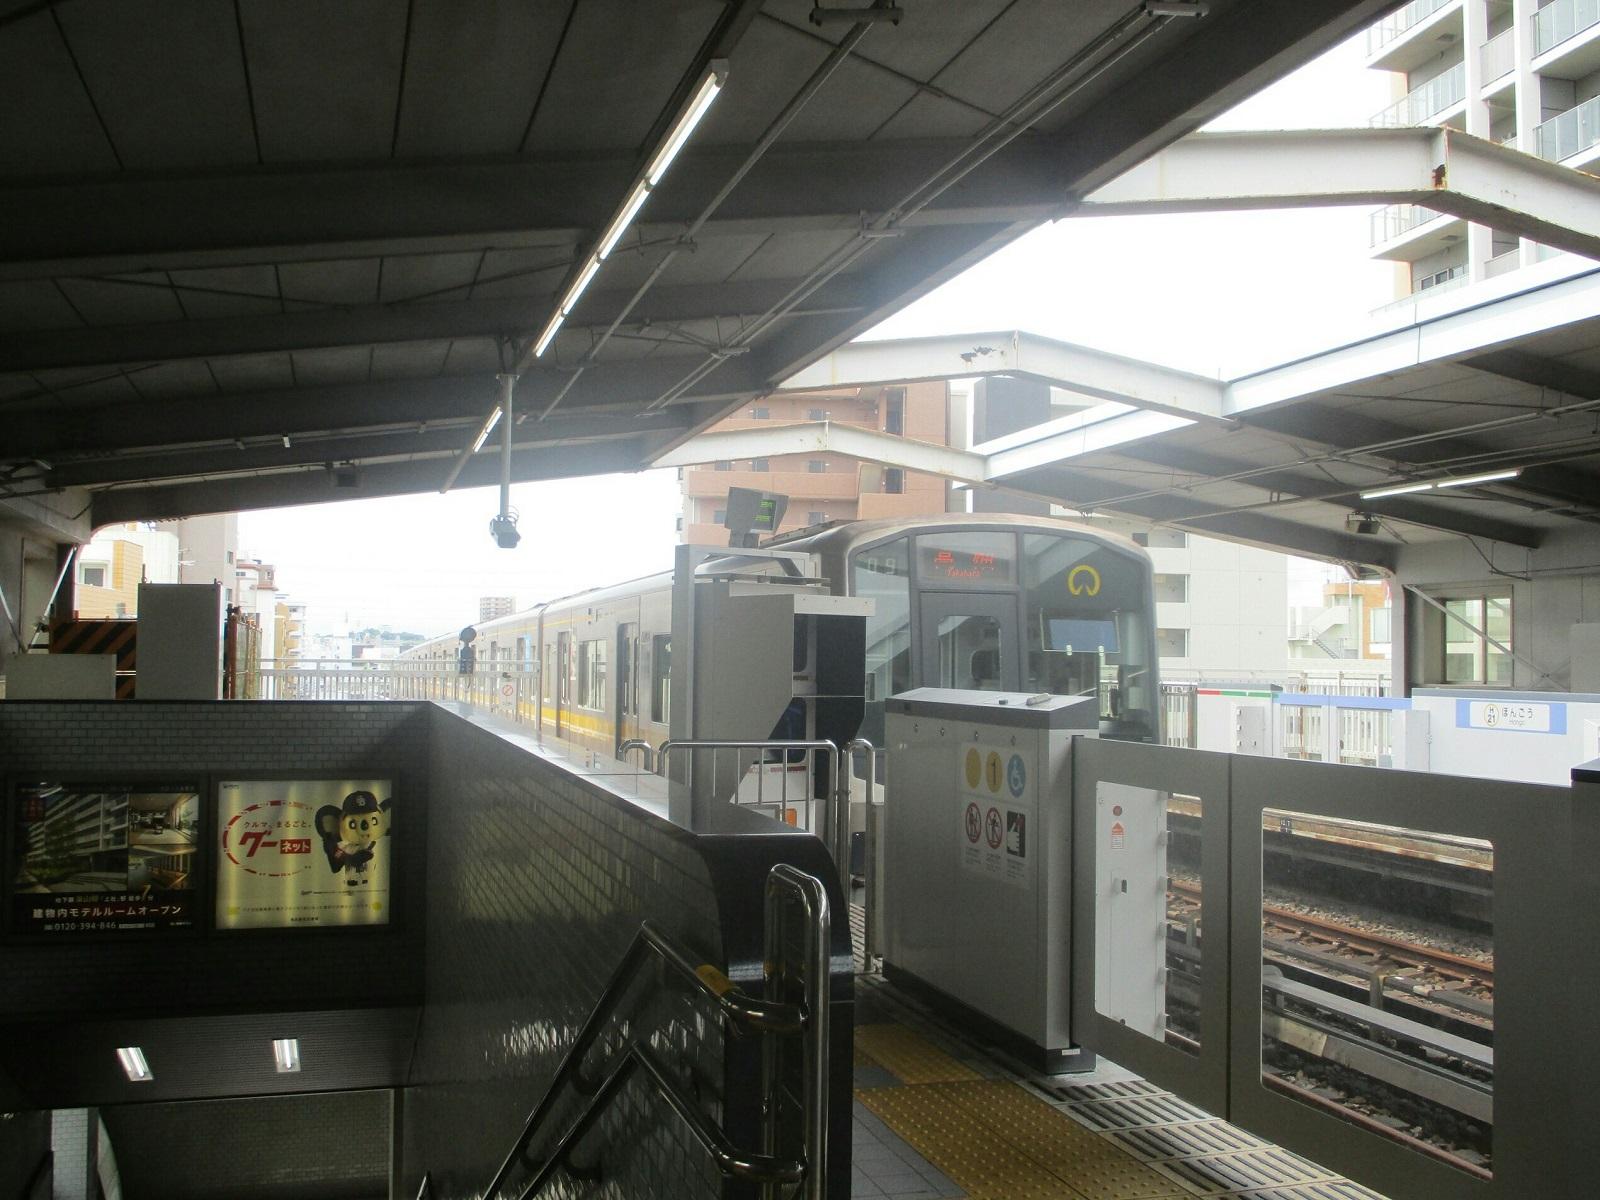 2018.8.16 (12) 本郷 - 高畑いき 1600-1200